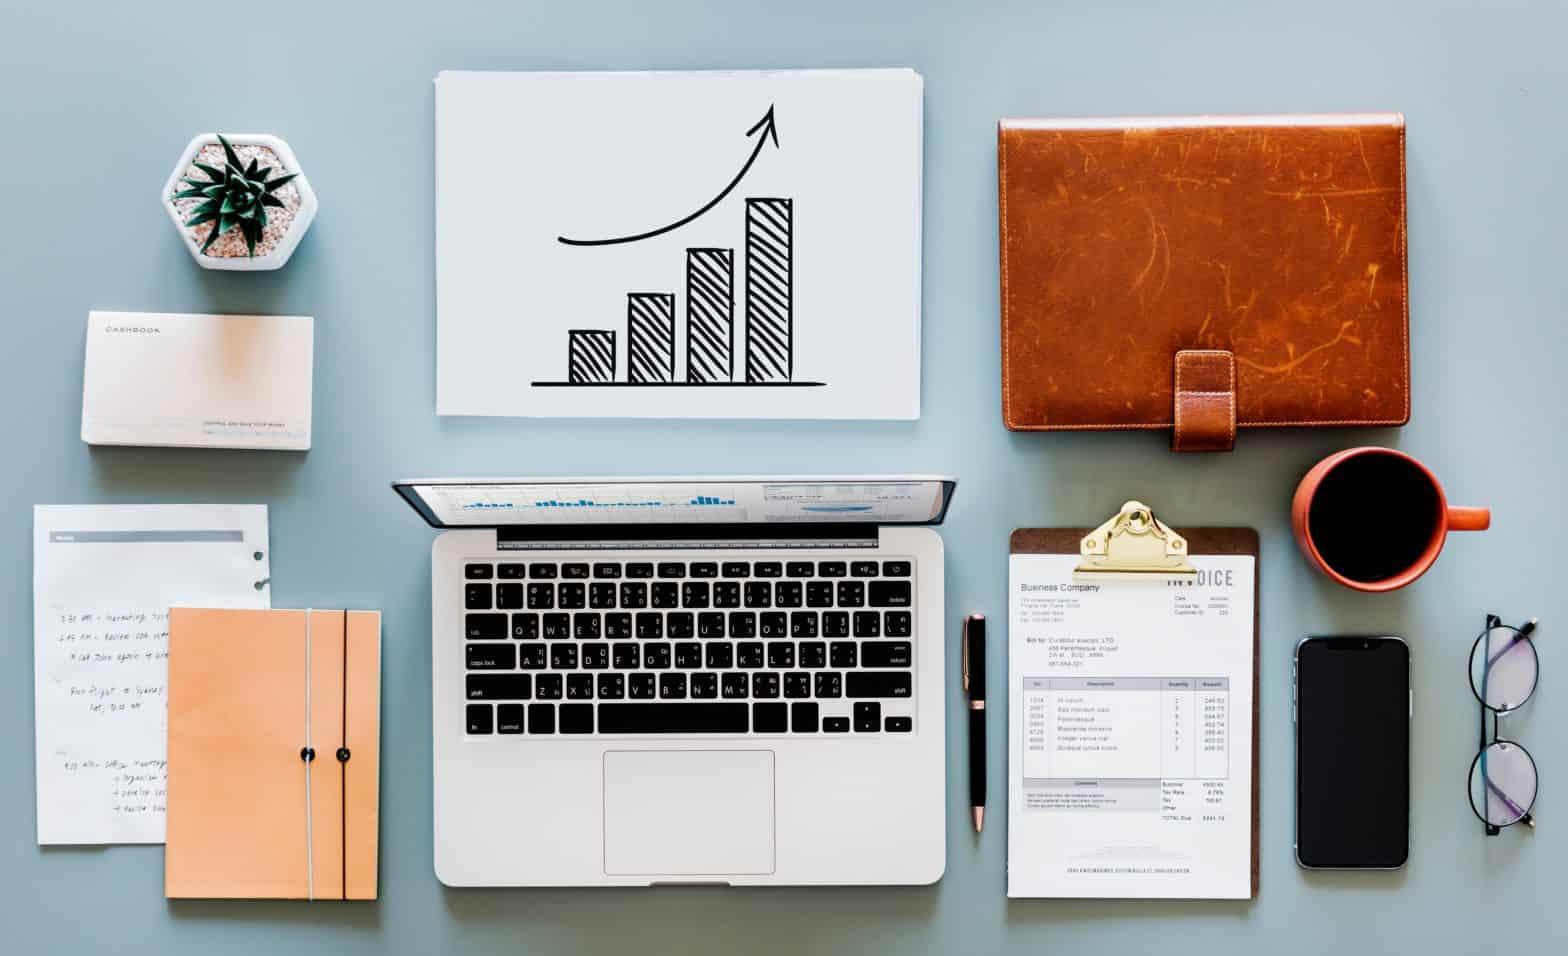 elaborar relatórios via pesquisa NPS e obter informações valiosas para o crescimento da sua empresa